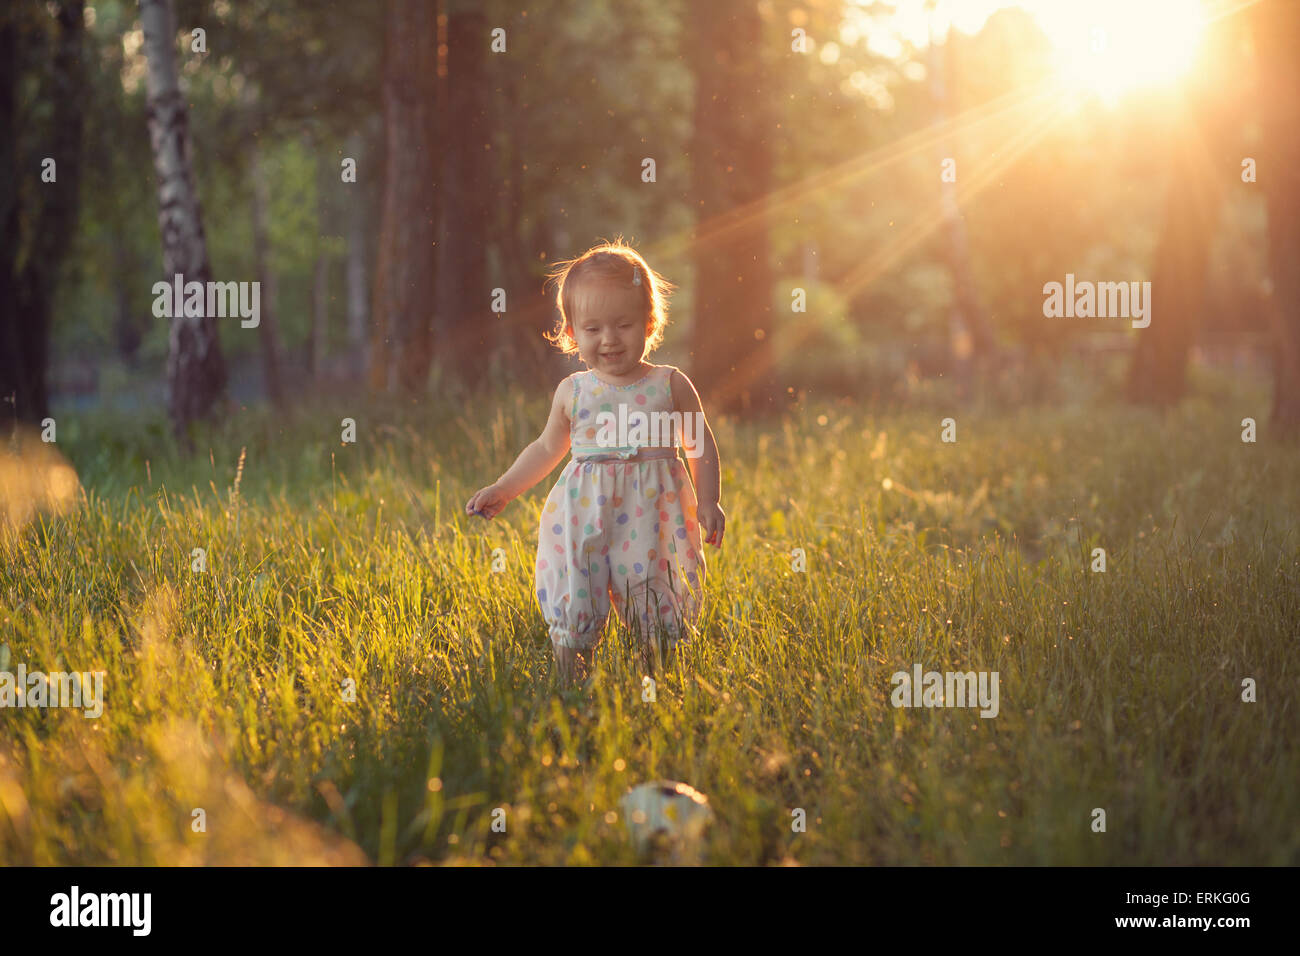 Bebé jugando en luces al atardecer Imagen De Stock